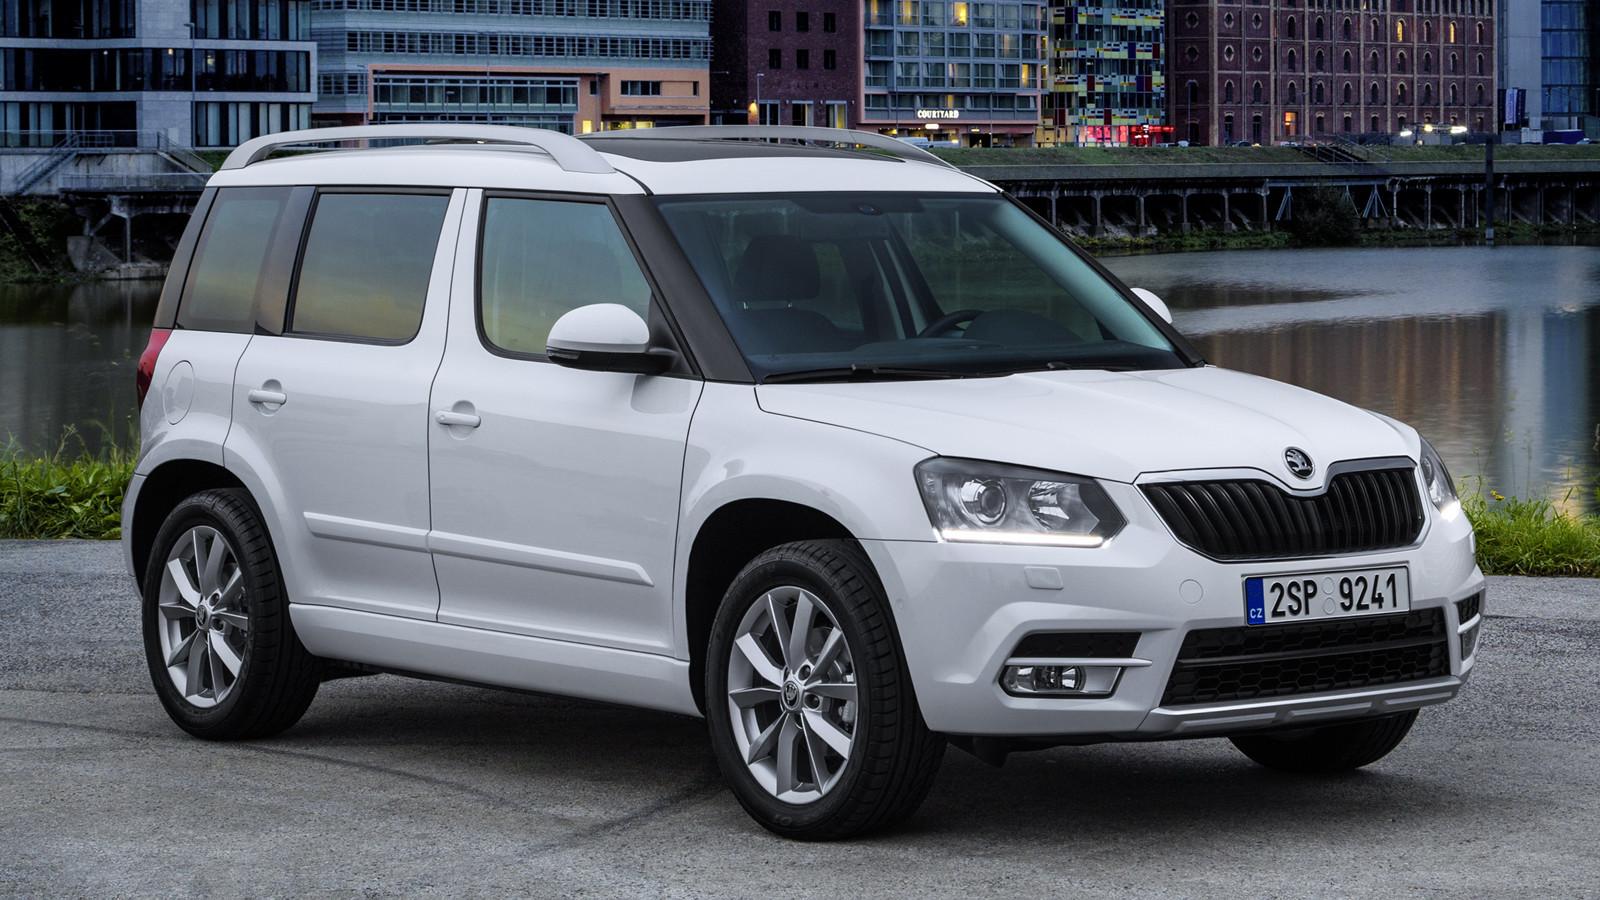 Экспорт легковых авто  из РФ  вырос на61% — специалисты